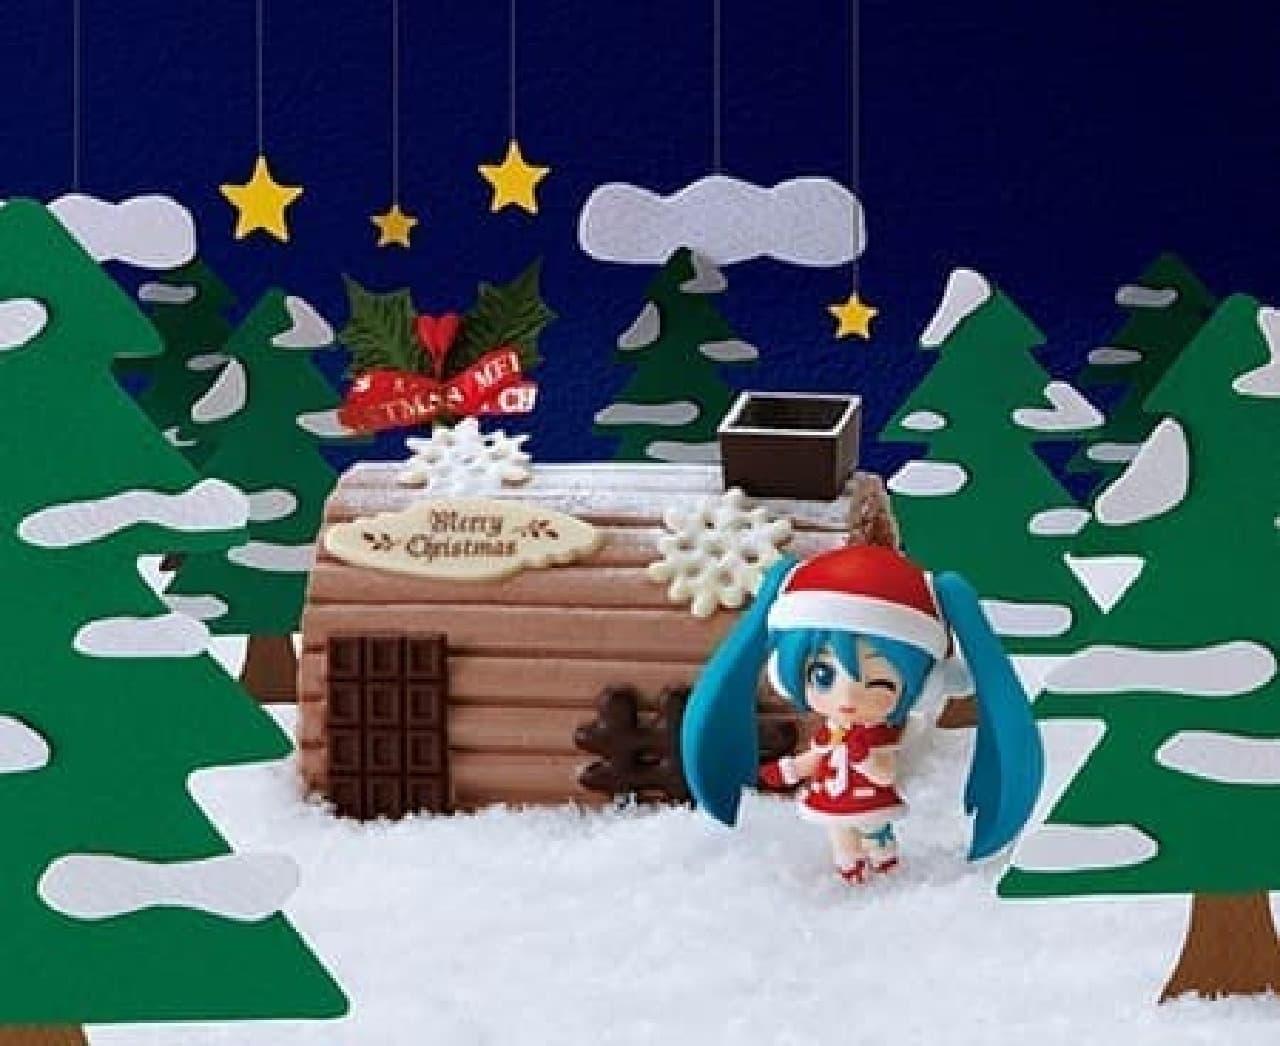 ミクさんとコラボのクリスマスケーキ、今年も!  Design by SEGA  (c)Crypton Future Media,INC.